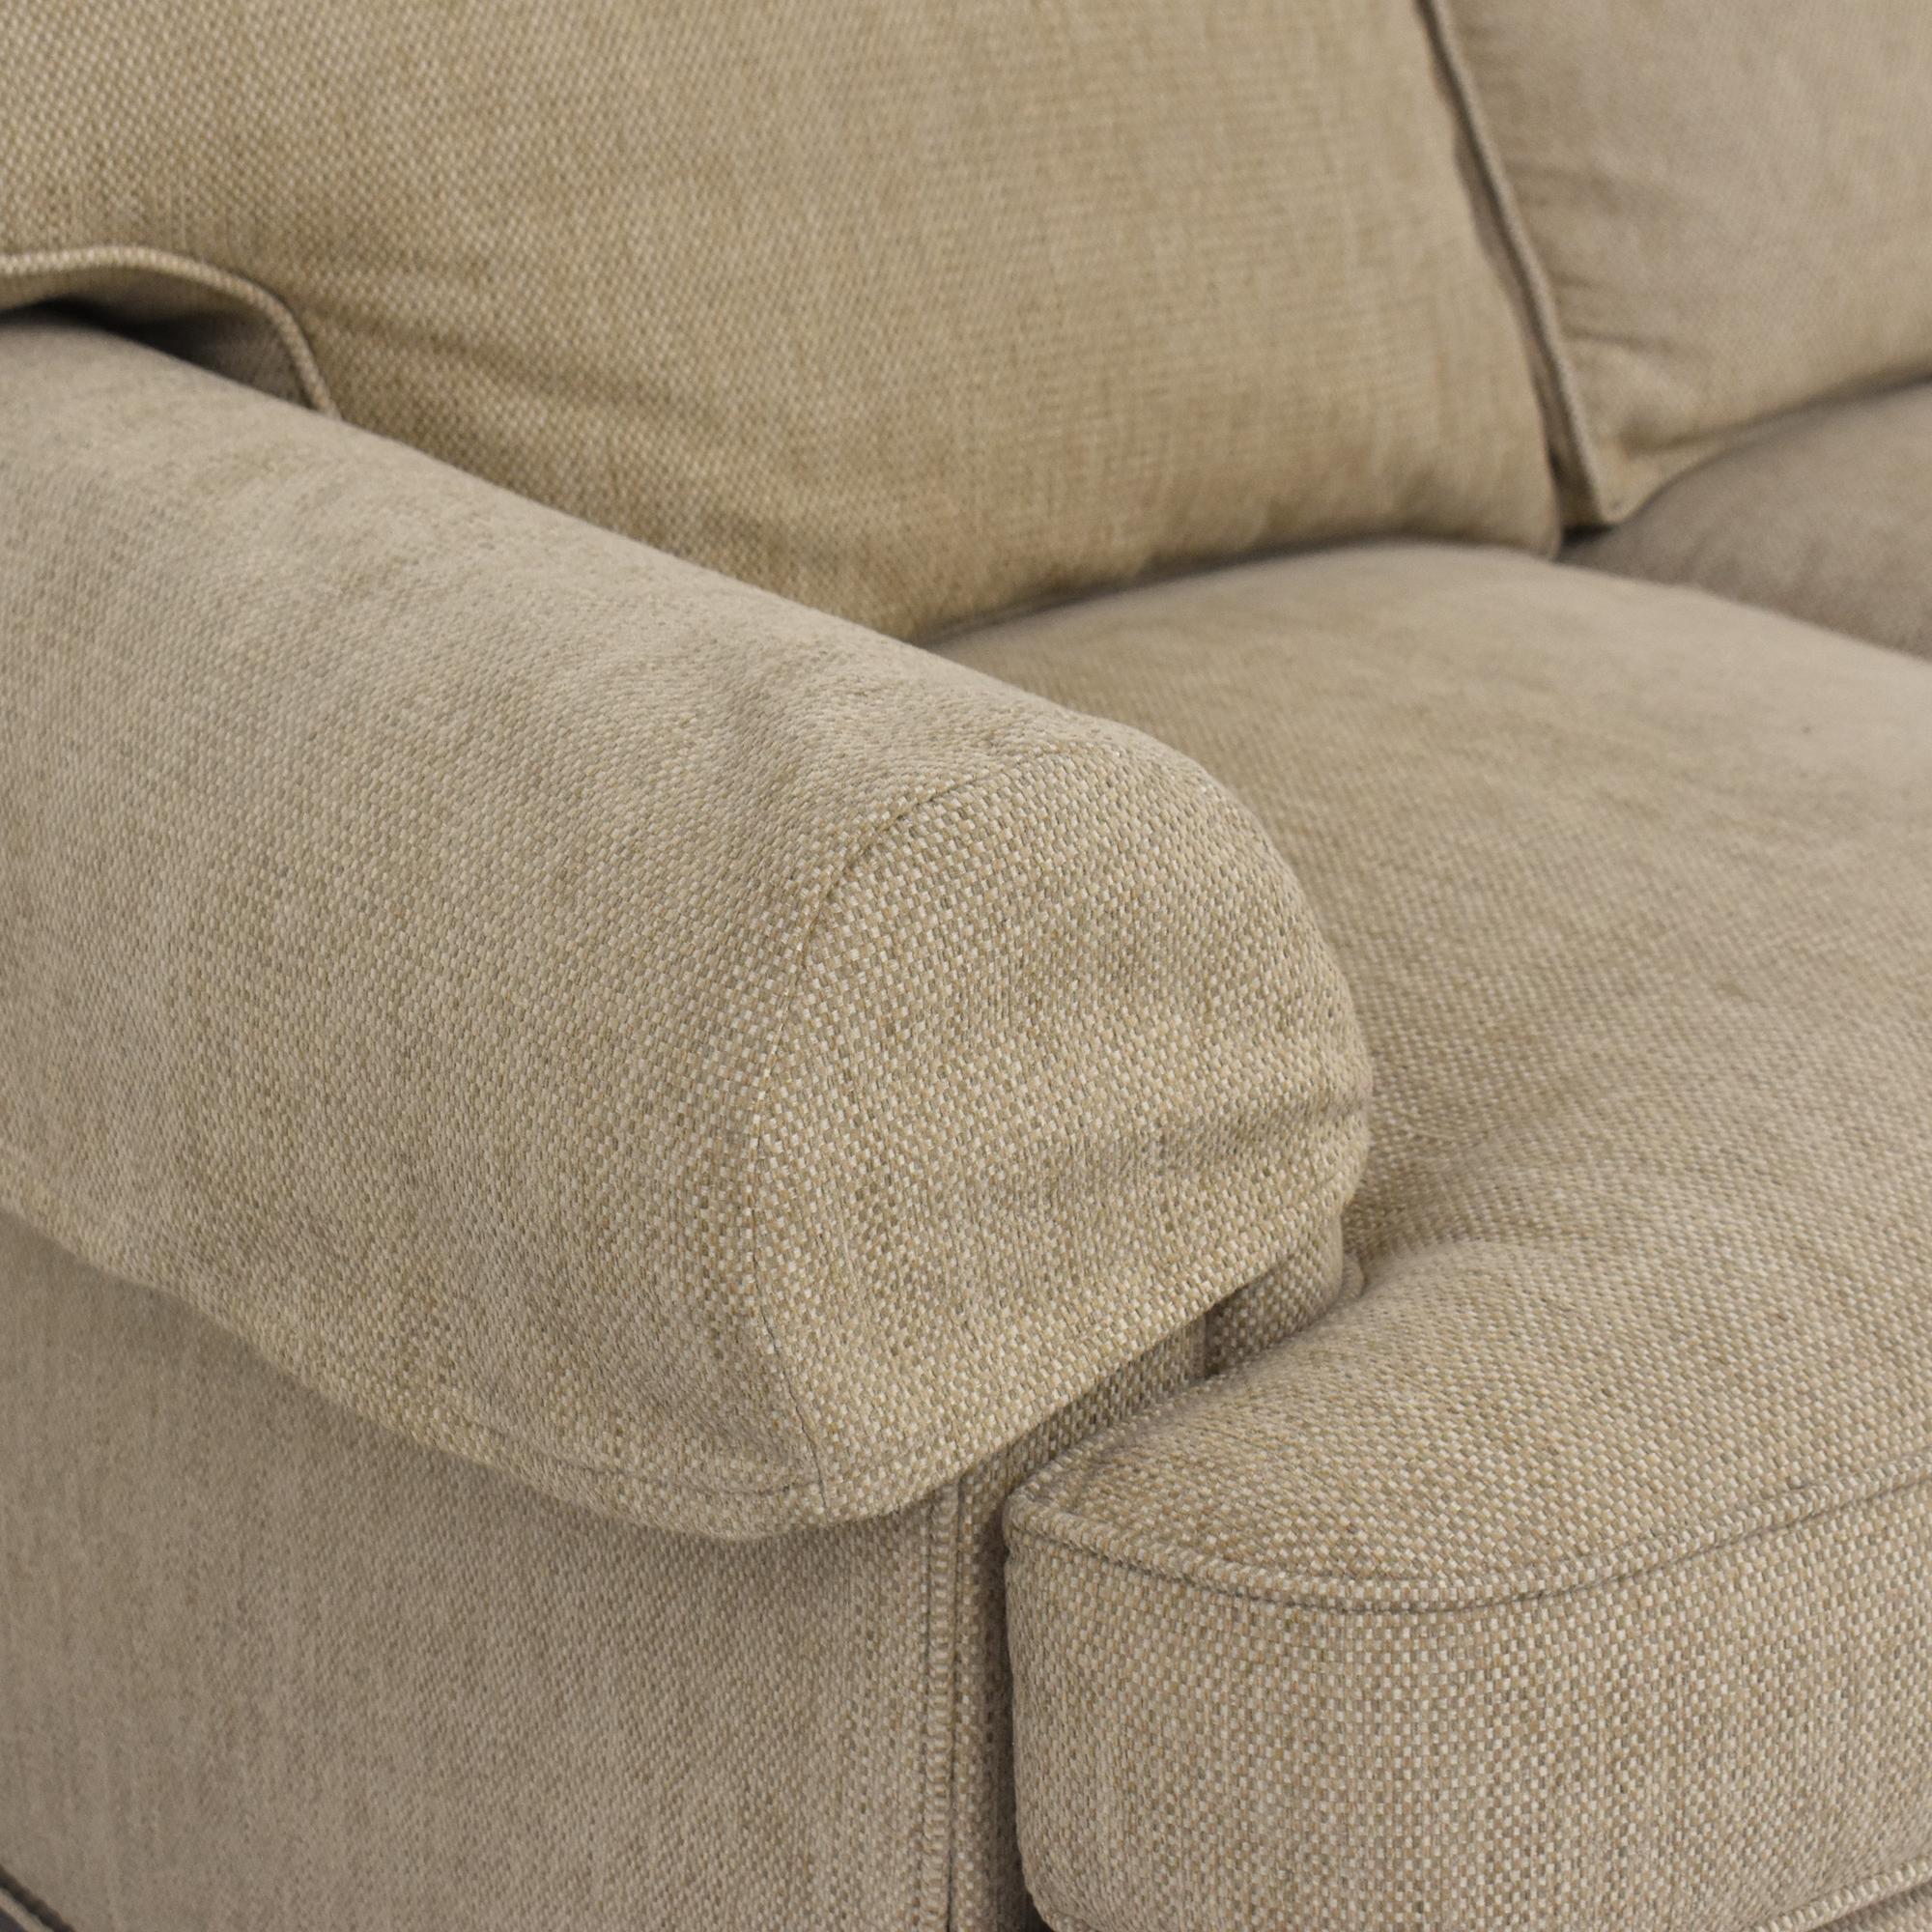 Safavieh Safavieh Two Piece Sectional Sofa Sofas